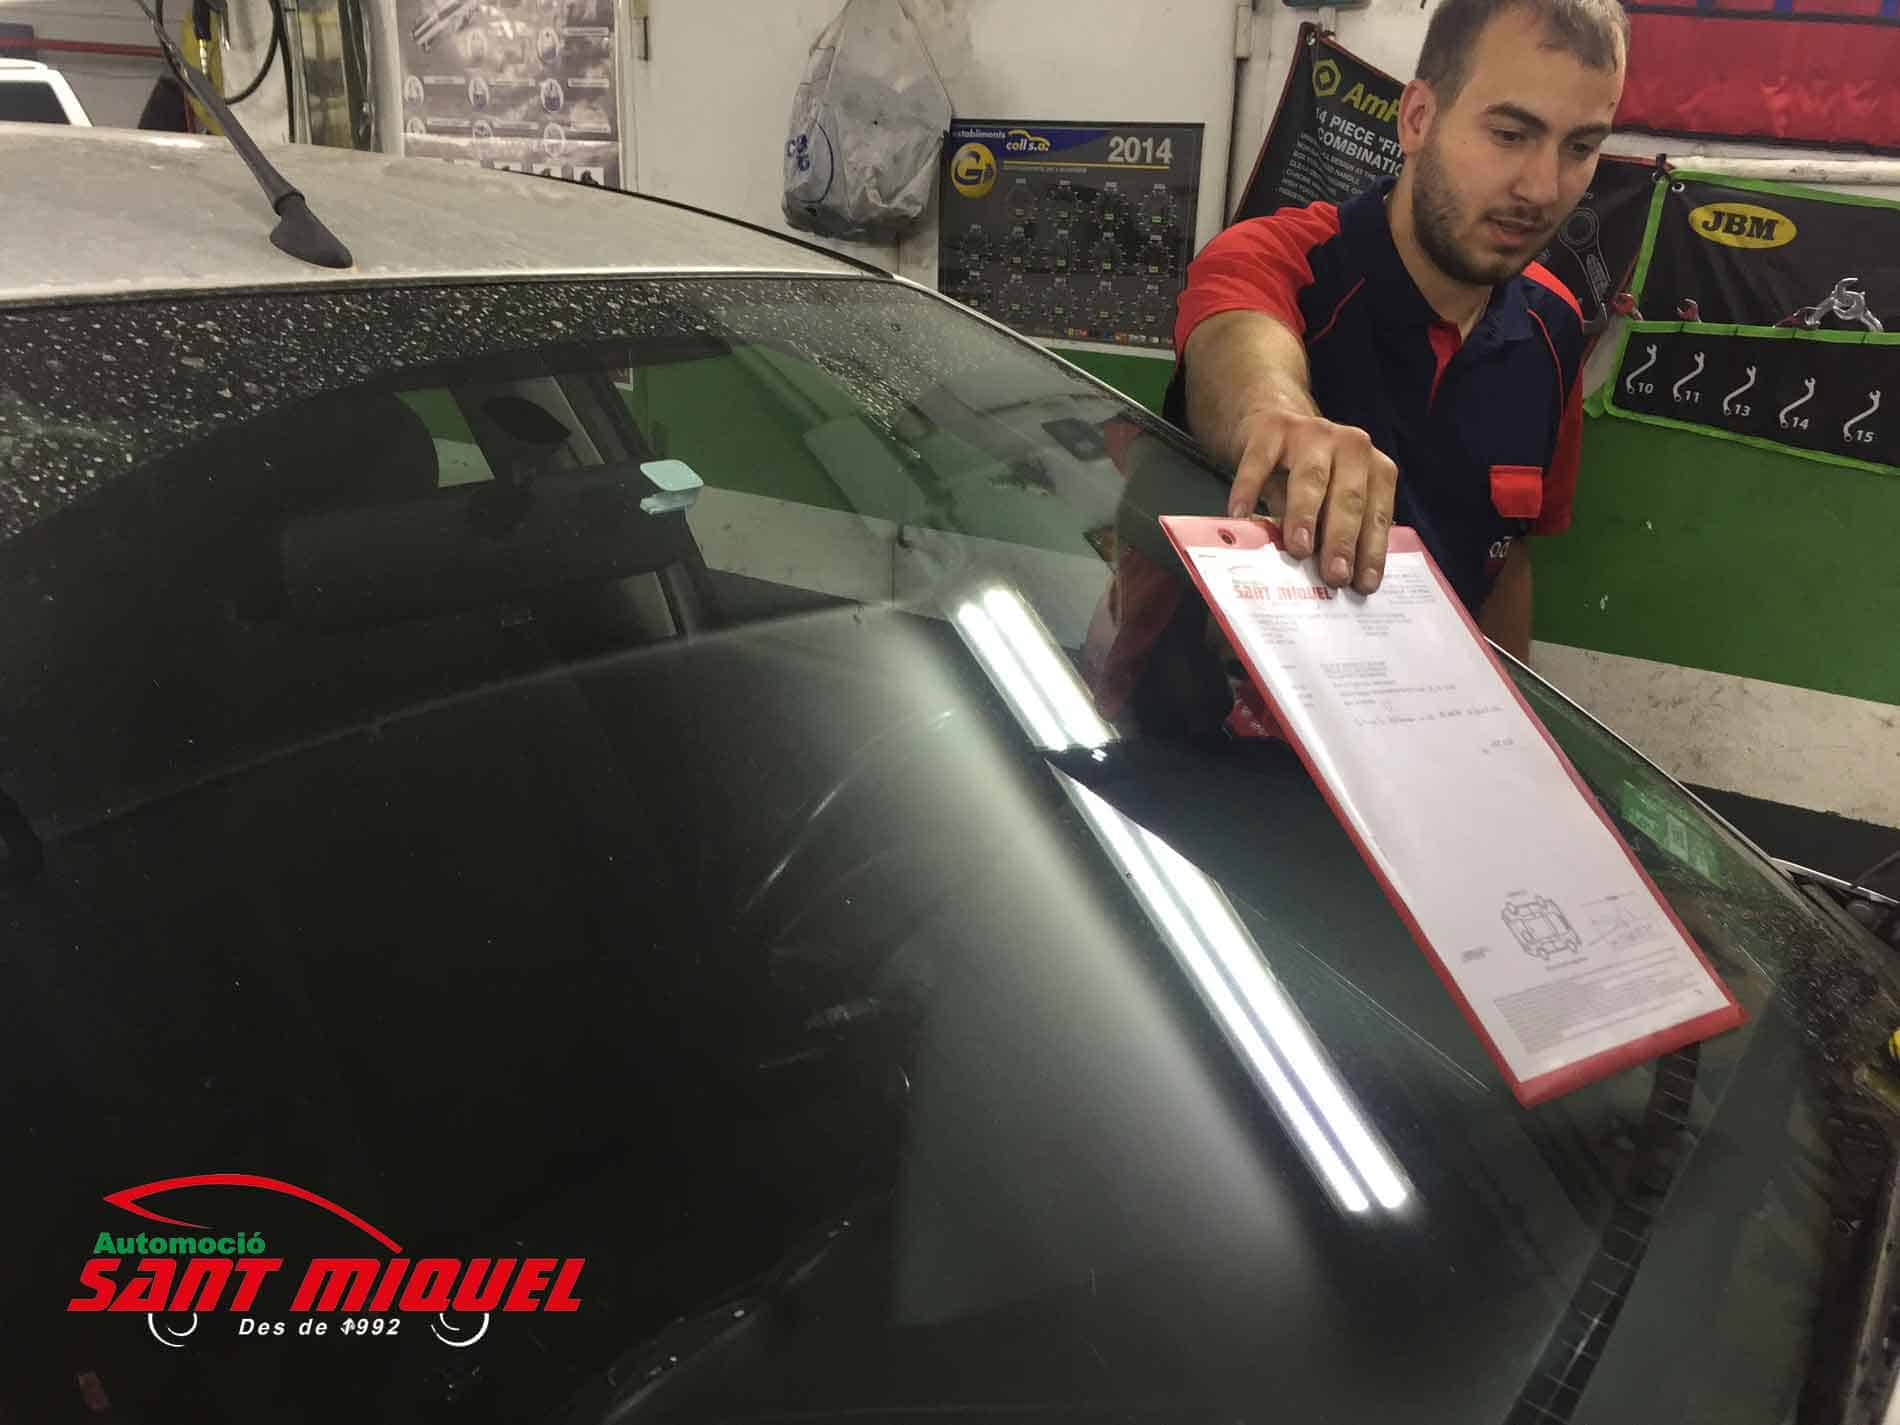 Consejos sobre seguros de autóviles en Automoció Sant Miquel, s.l.